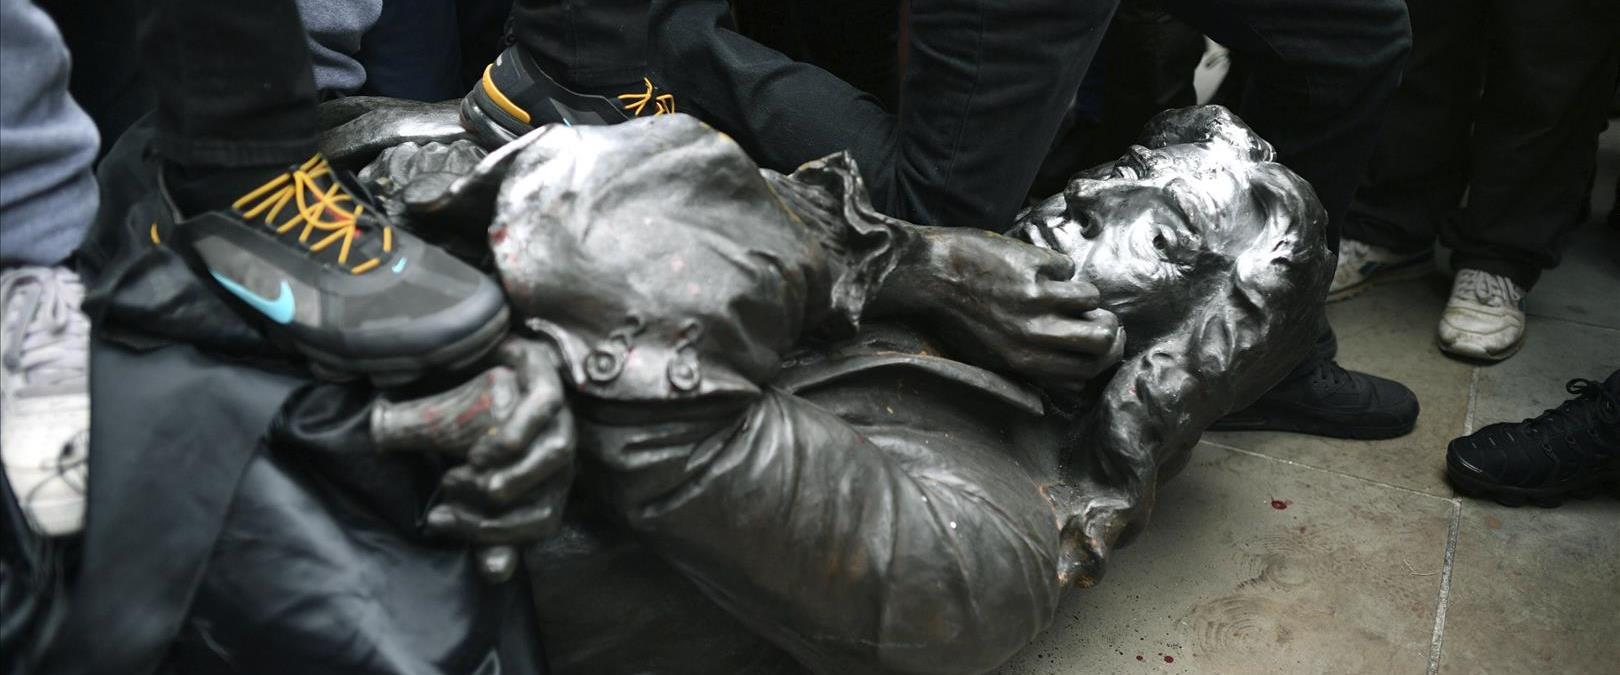 פסל של סוחר העבדים אדוארד קולסטון בבריסטול, יוני 2